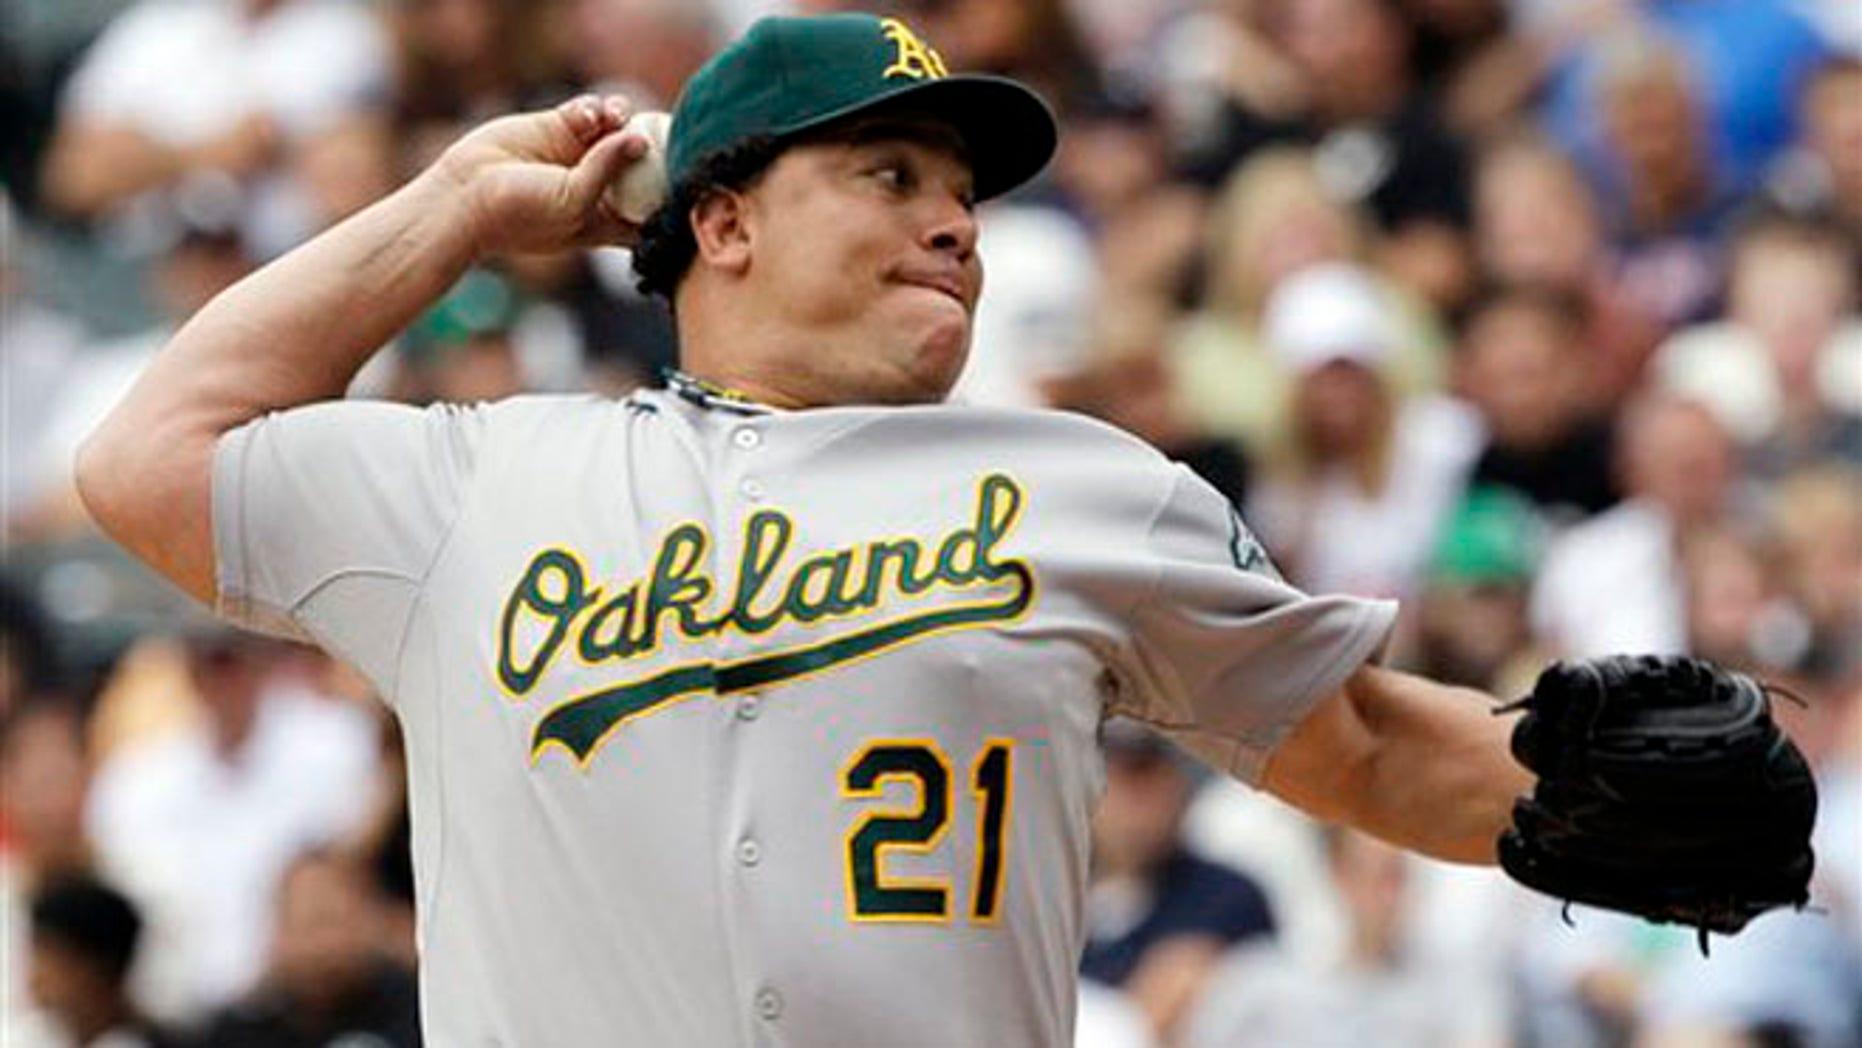 File photo, Oakland Athletics starter Bartolo Colon